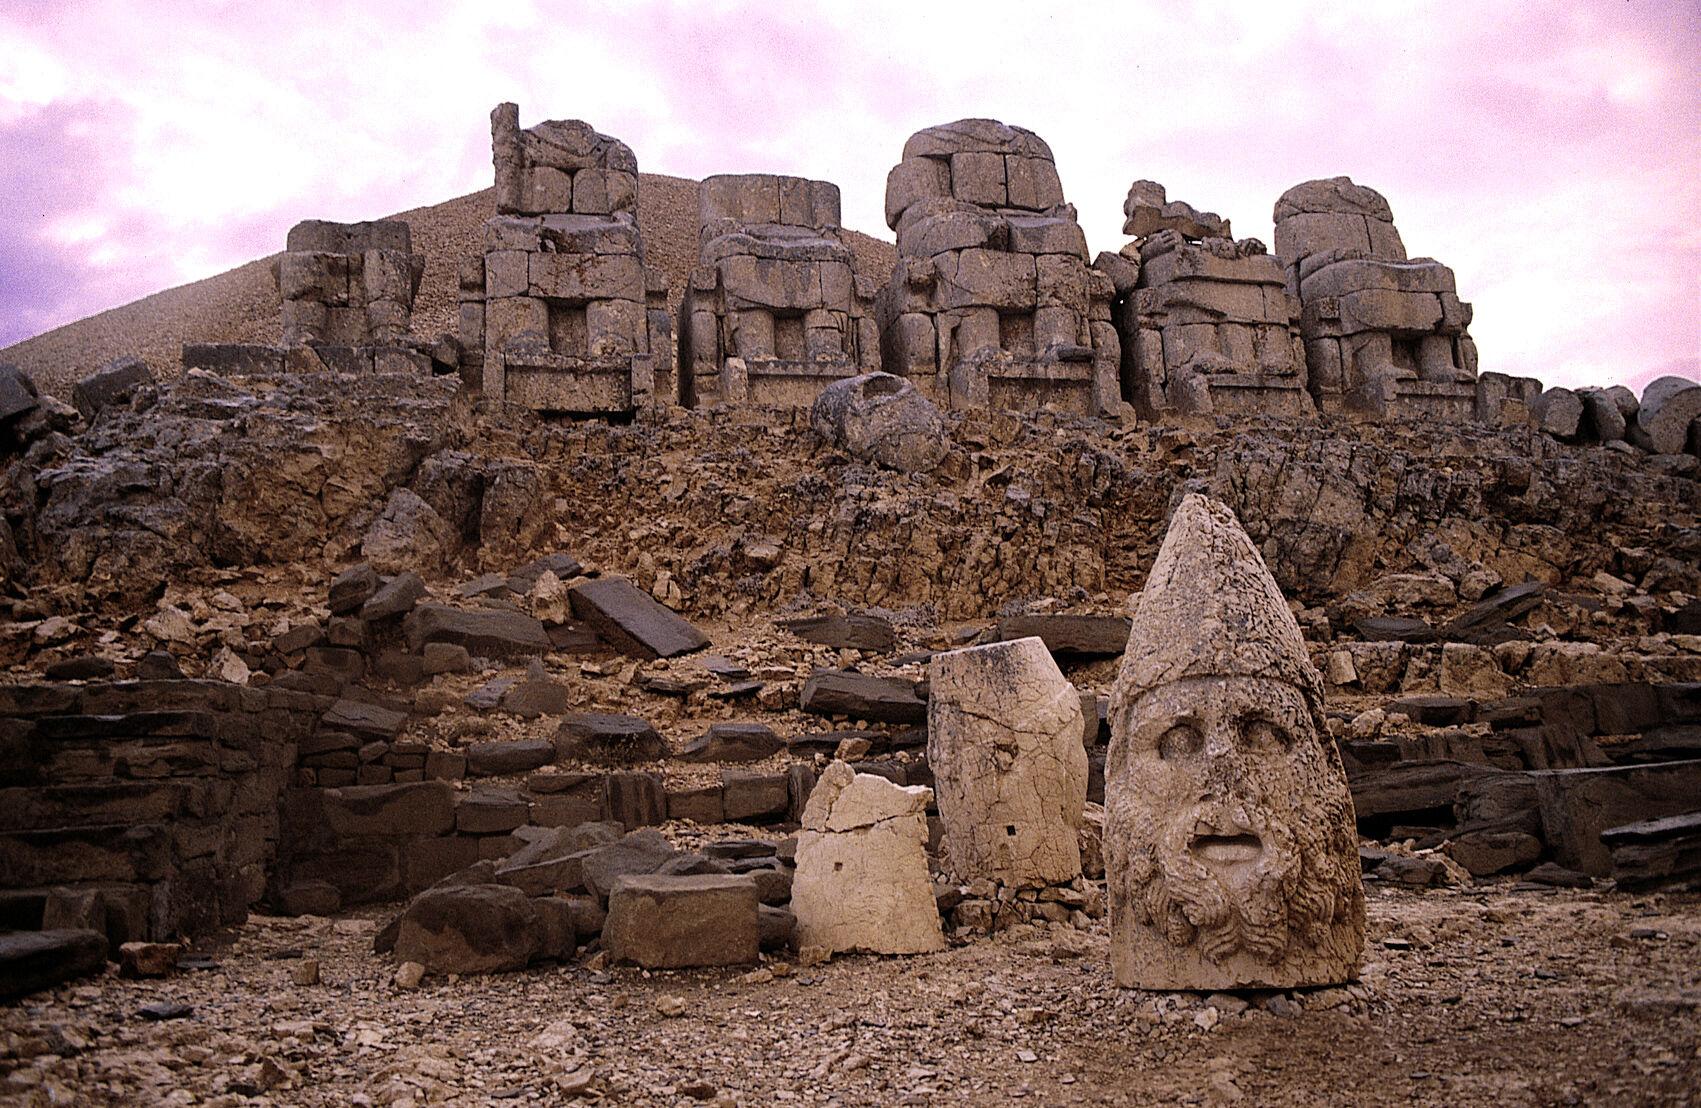 nemrut-dagi-heykelleri